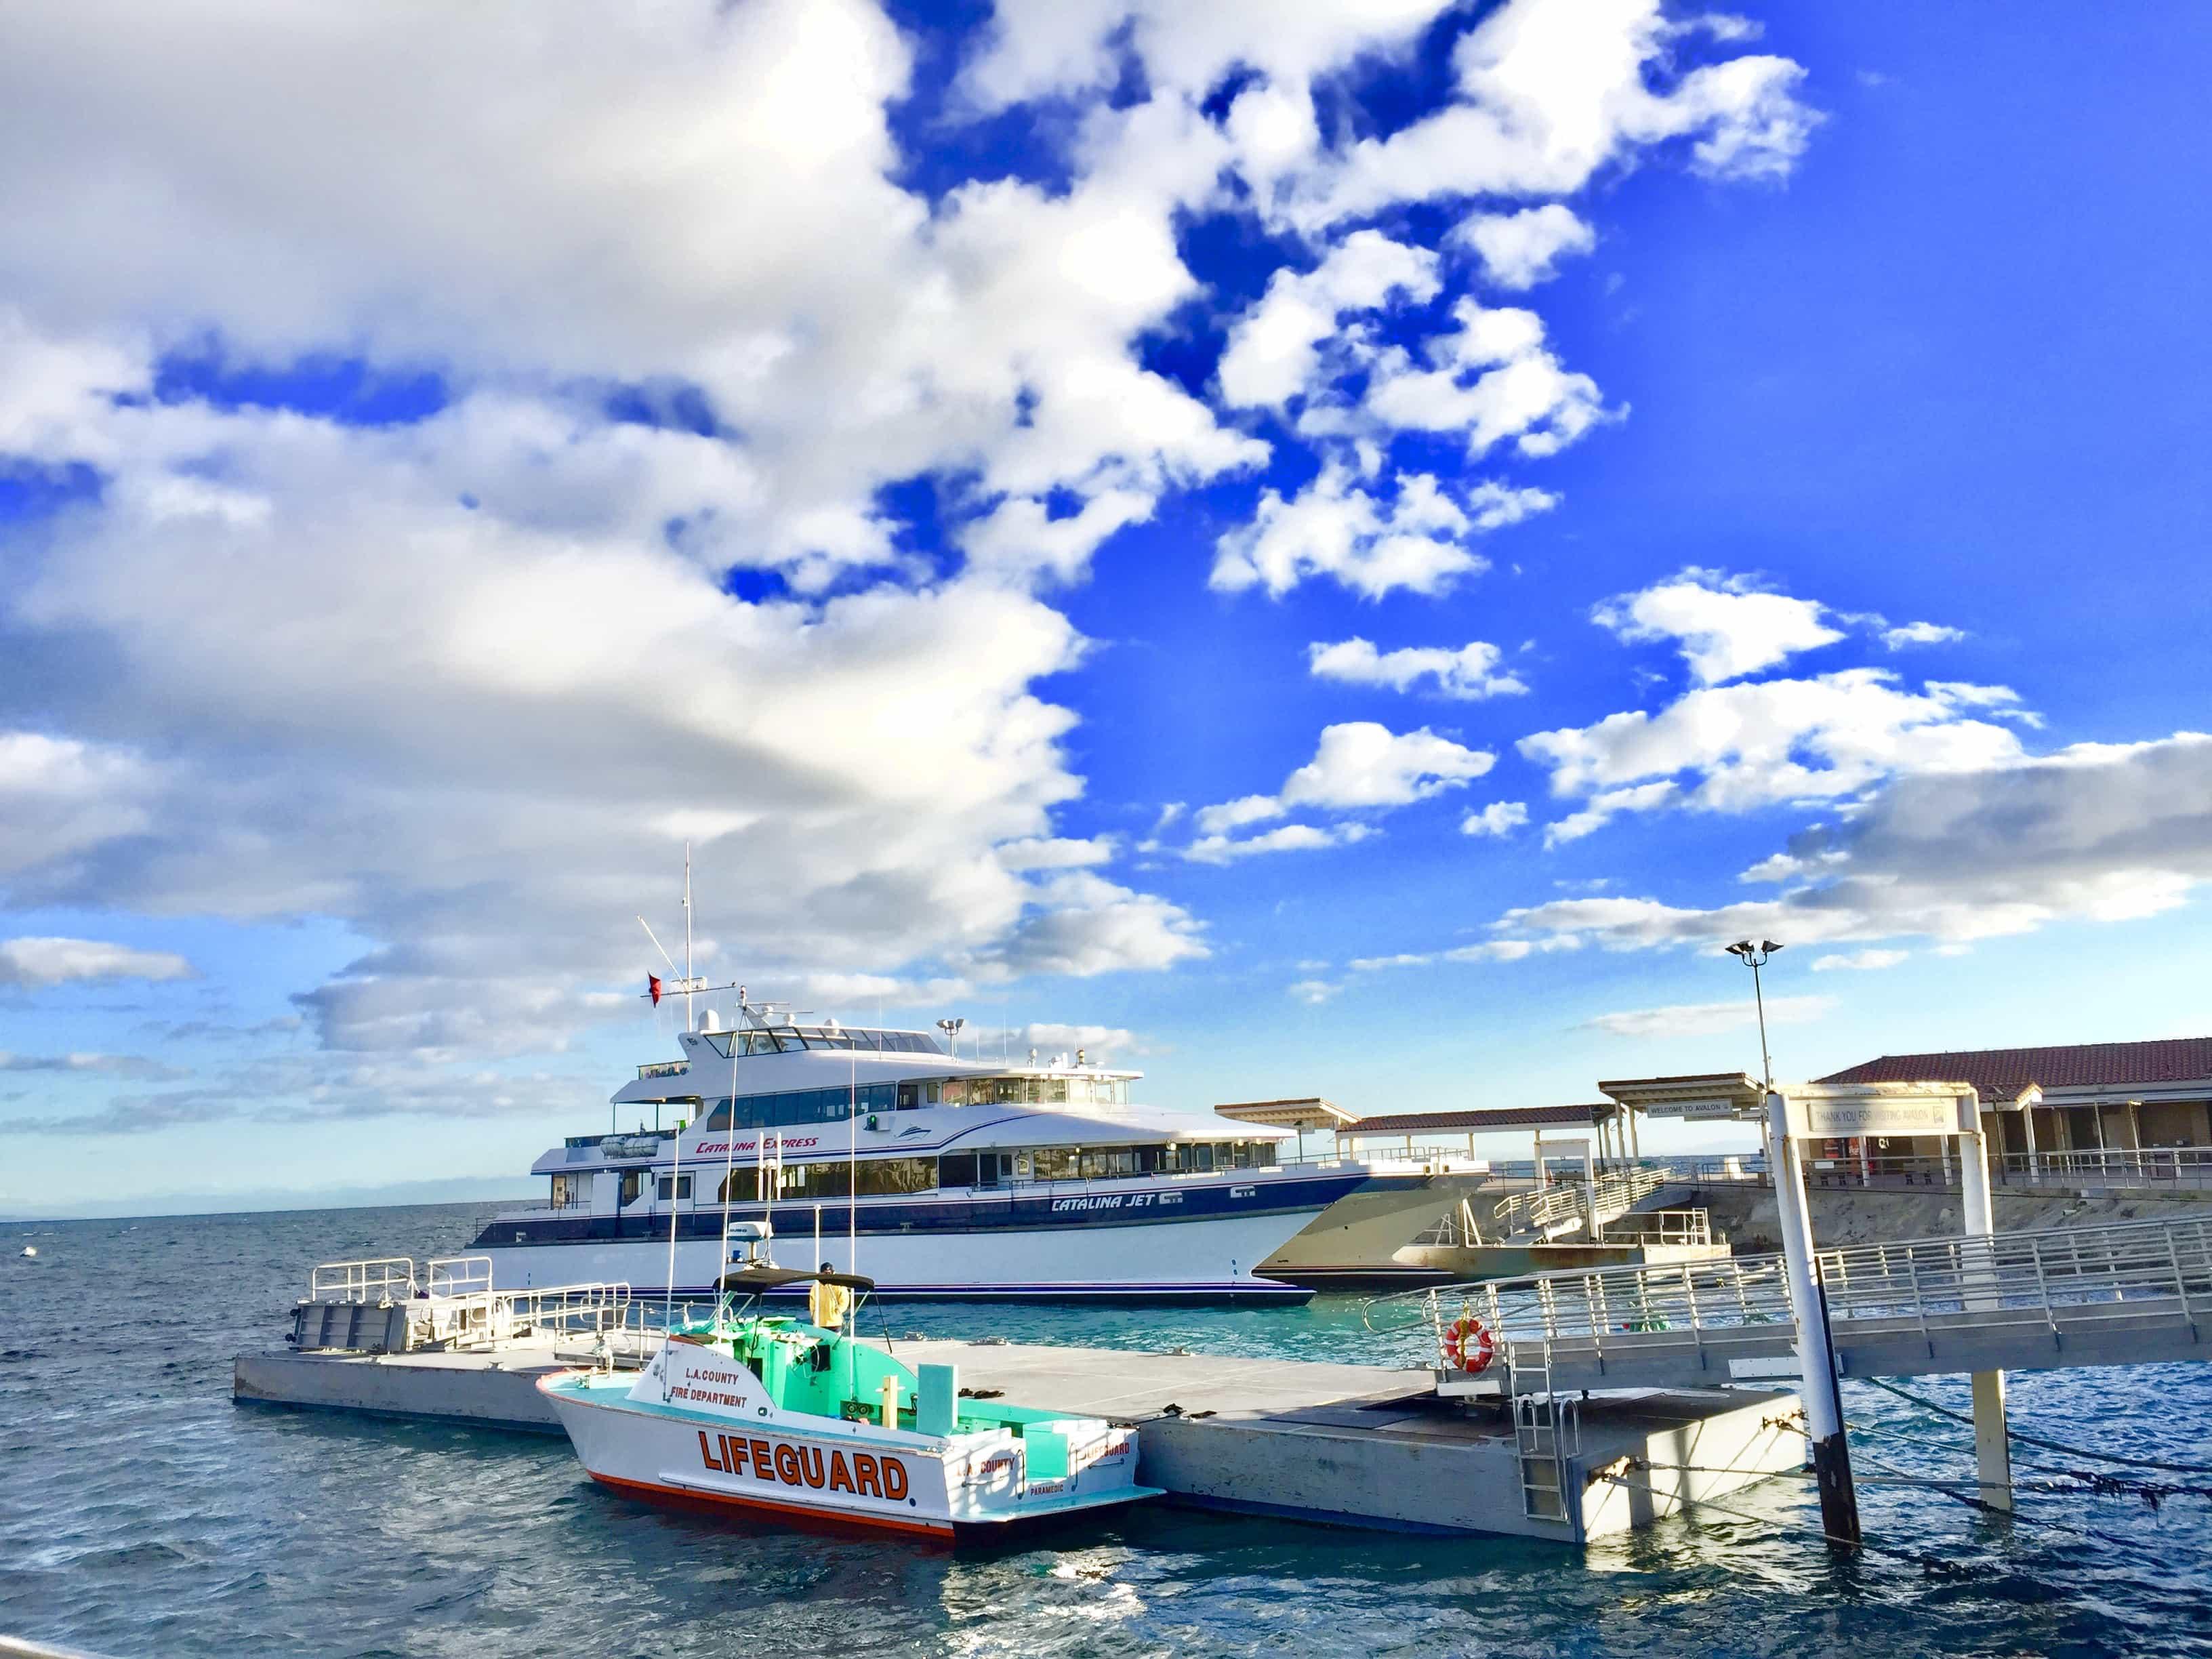 Santa Catalina Island Ferry Birthday